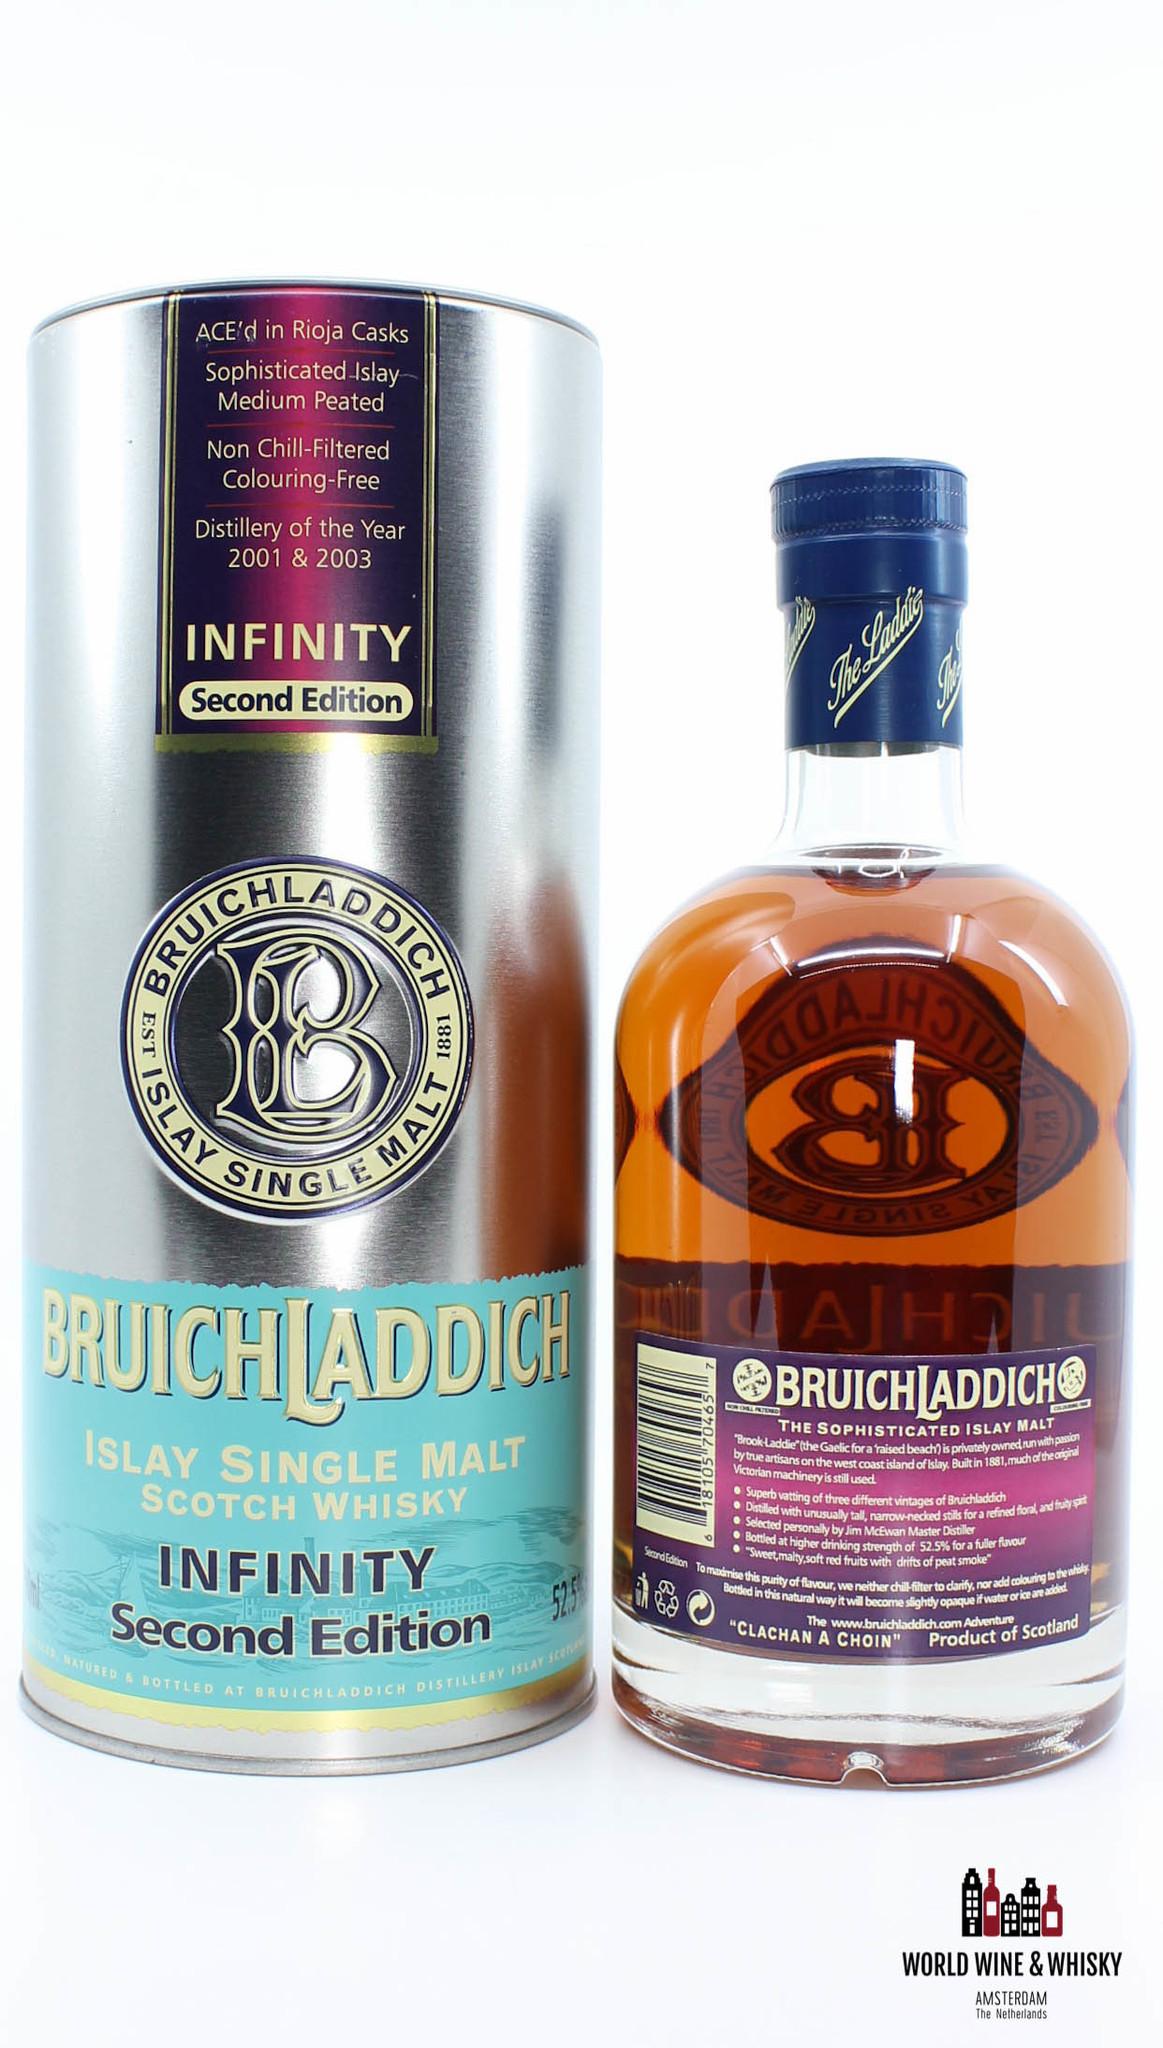 Bruichladdich Bruichladdich Infinity Second Edition 2007 52.5% 700 ml